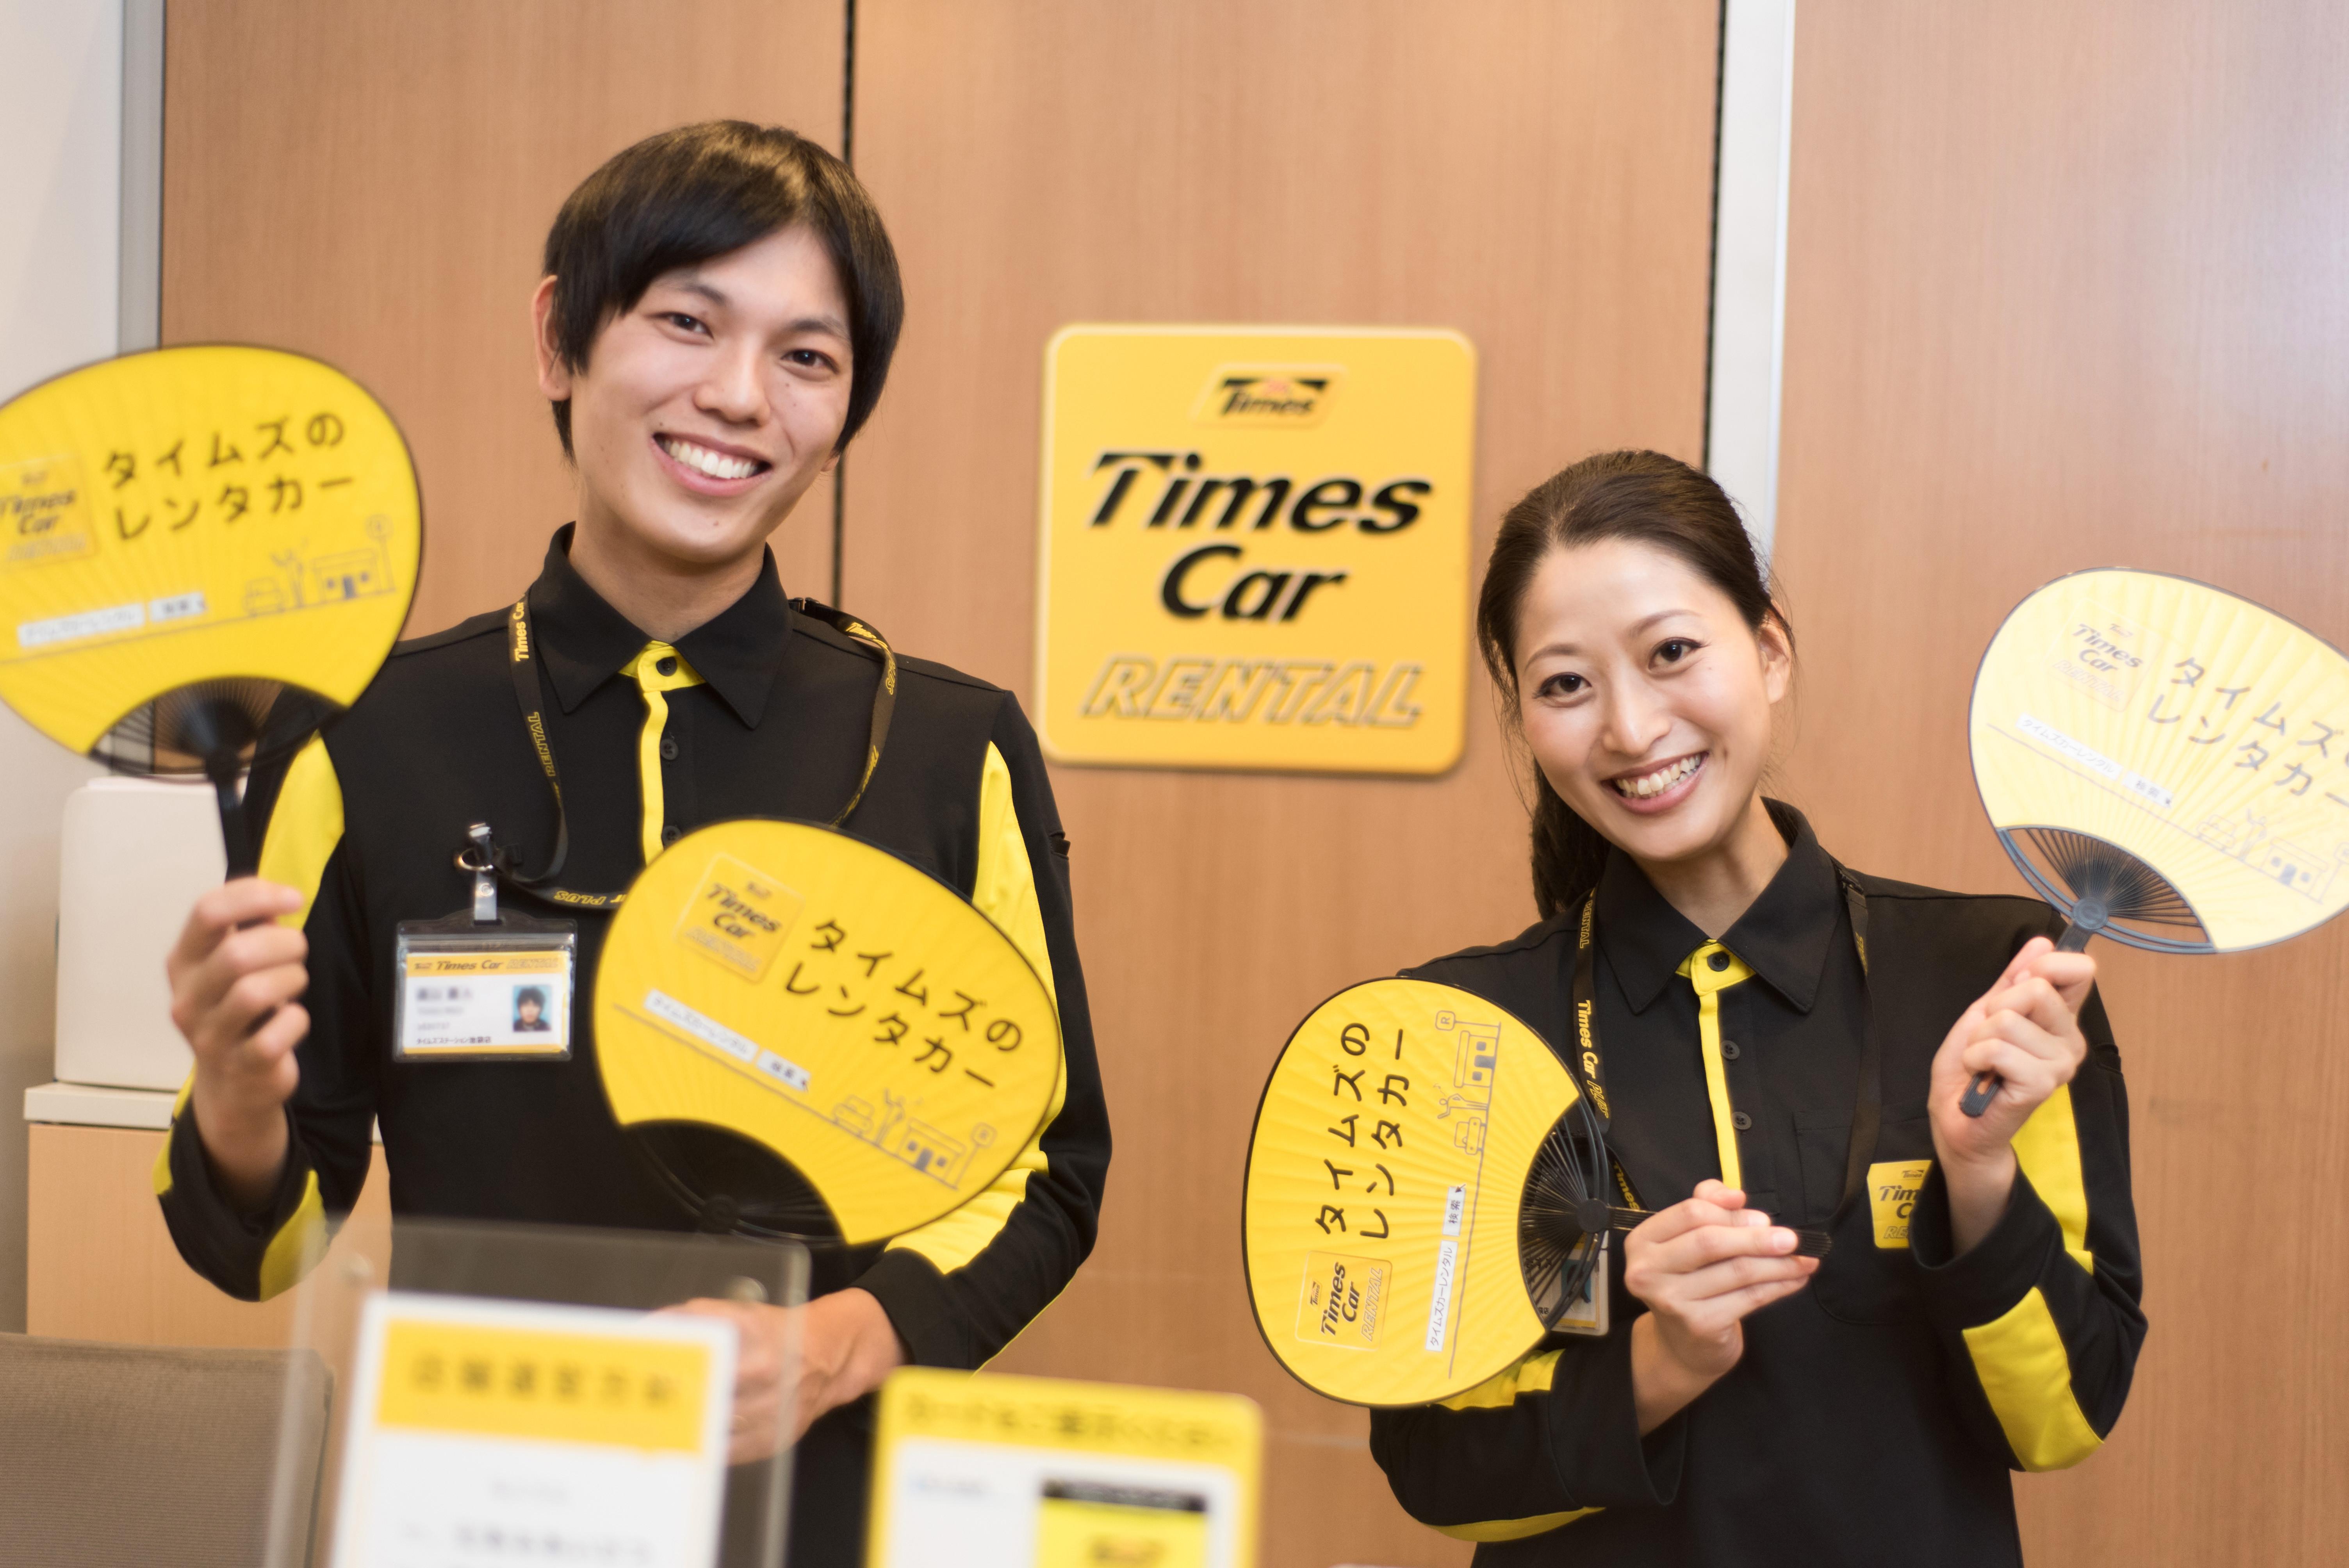 タイムズカーレンタル 花巻空港カウンター店 のアルバイト情報